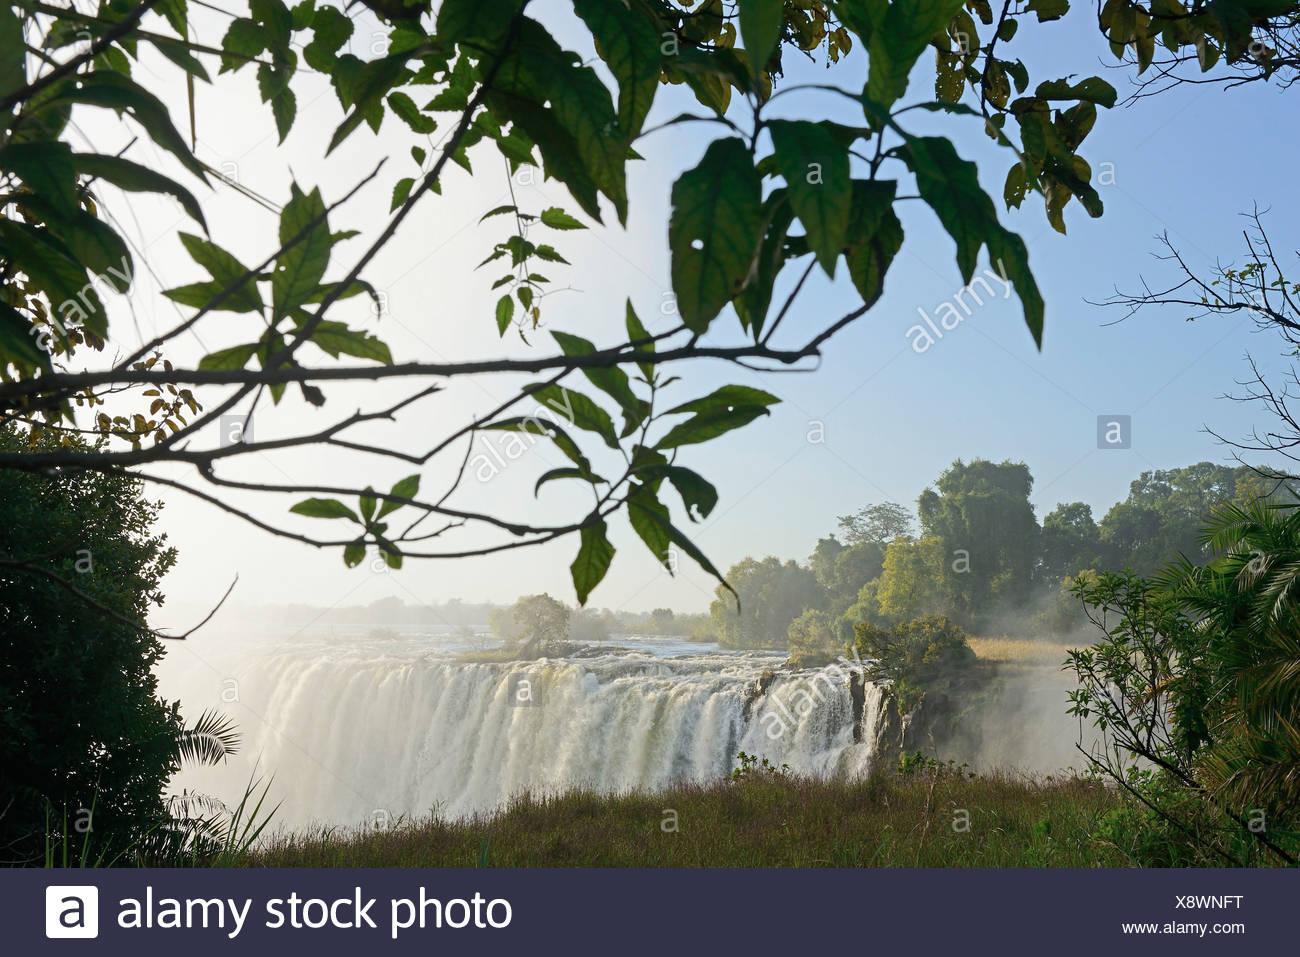 L'Afrique, le Zimbabwe, le Zambèze, fleuve, le sud de l'Afrique, les chutes Victoria, cascade, eau, canyon, gorge Photo Stock